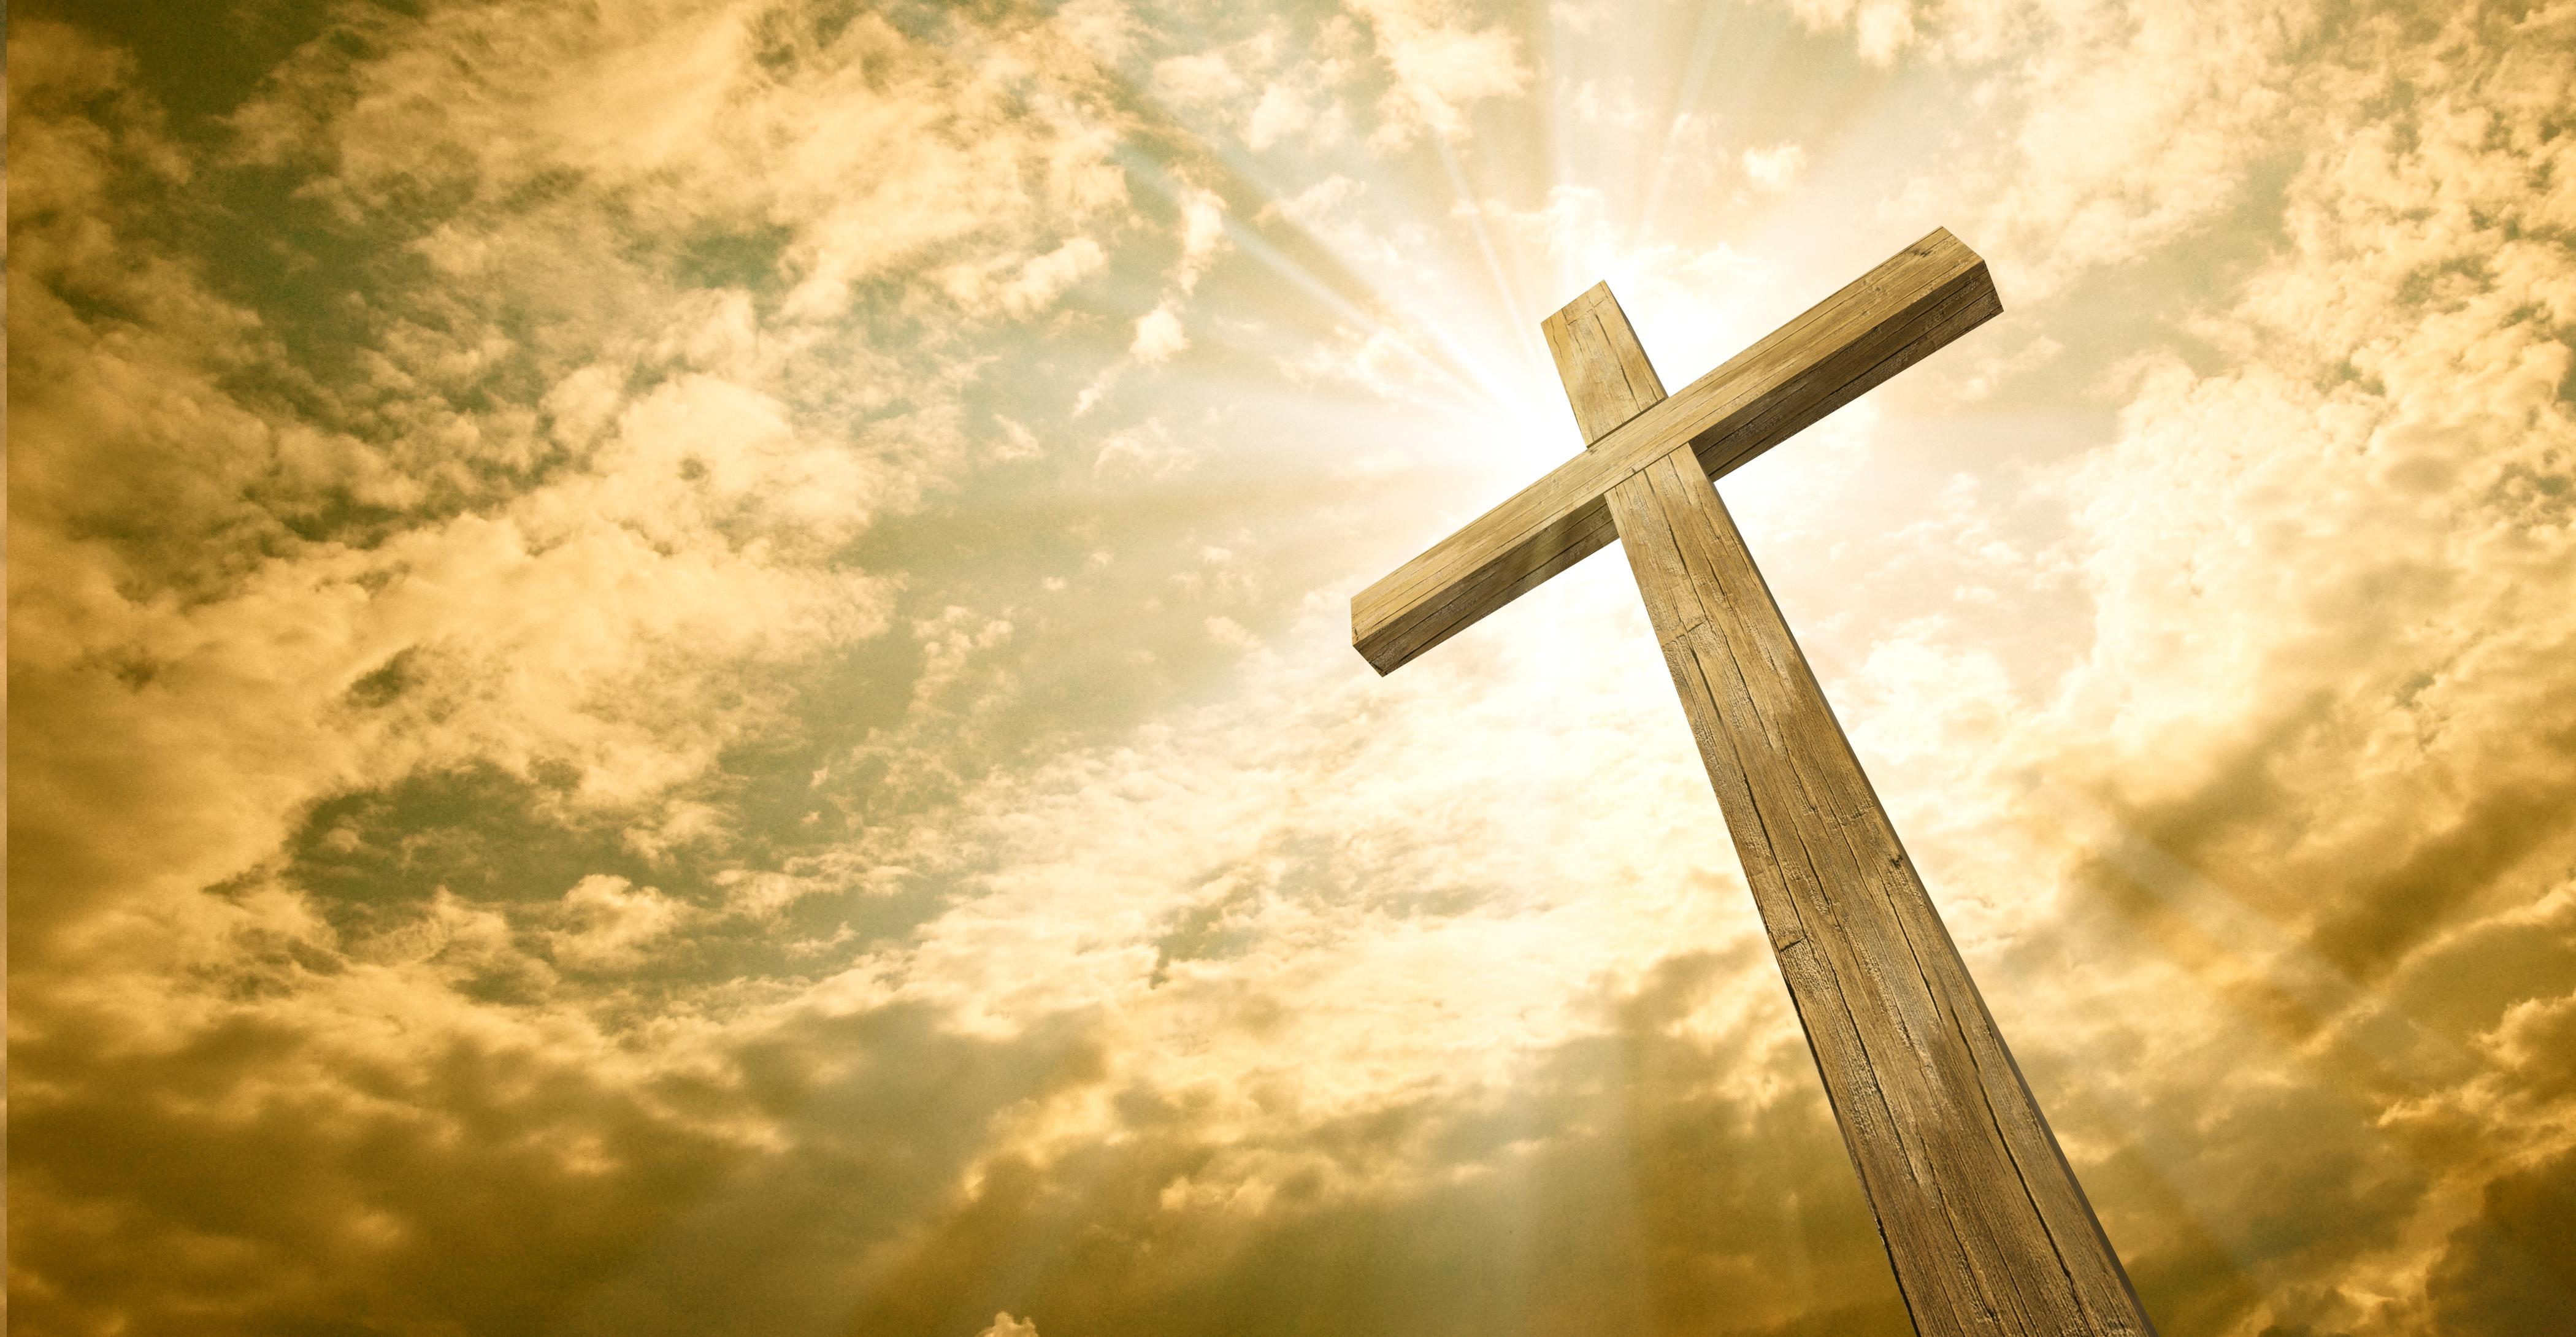 cruz messias